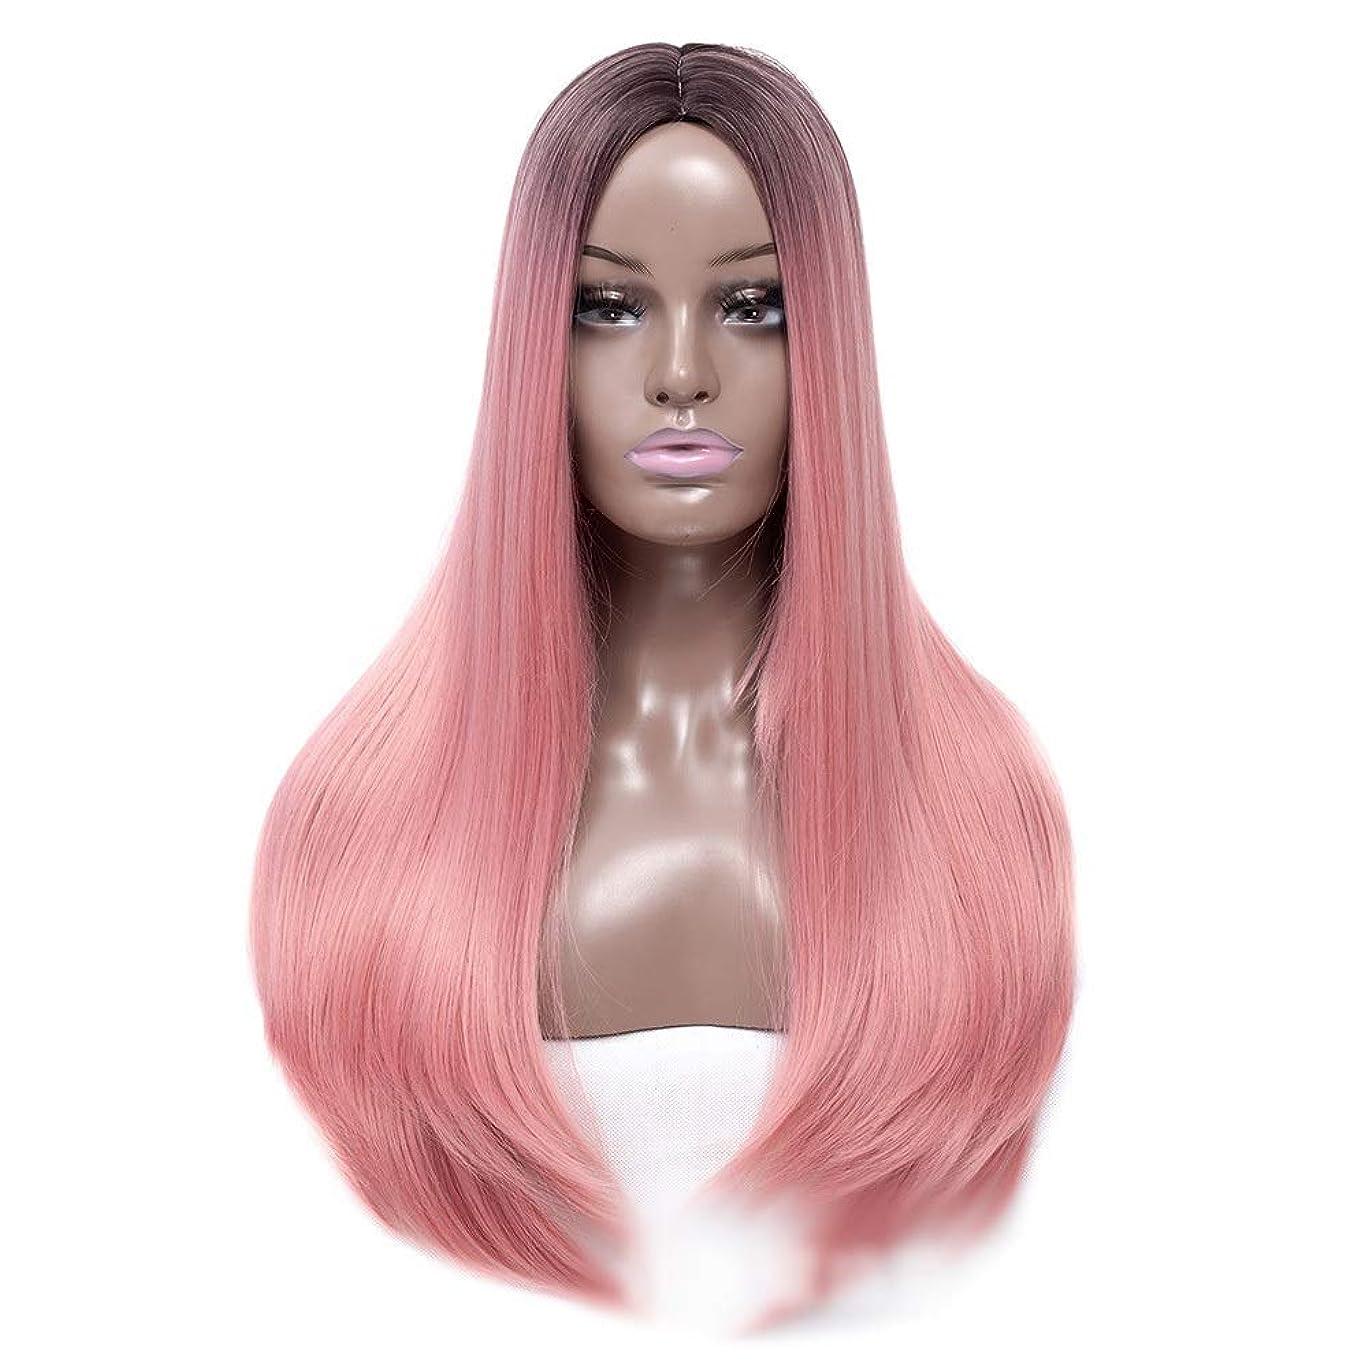 自分のためにチラチラする犯すBOBIDYEE 女性のピンクのかつら22インチロングストレートヘアヒートセーフ人工毛ホワイトまたは淡い頭皮のパーティーのかつら (Color : ピンク)